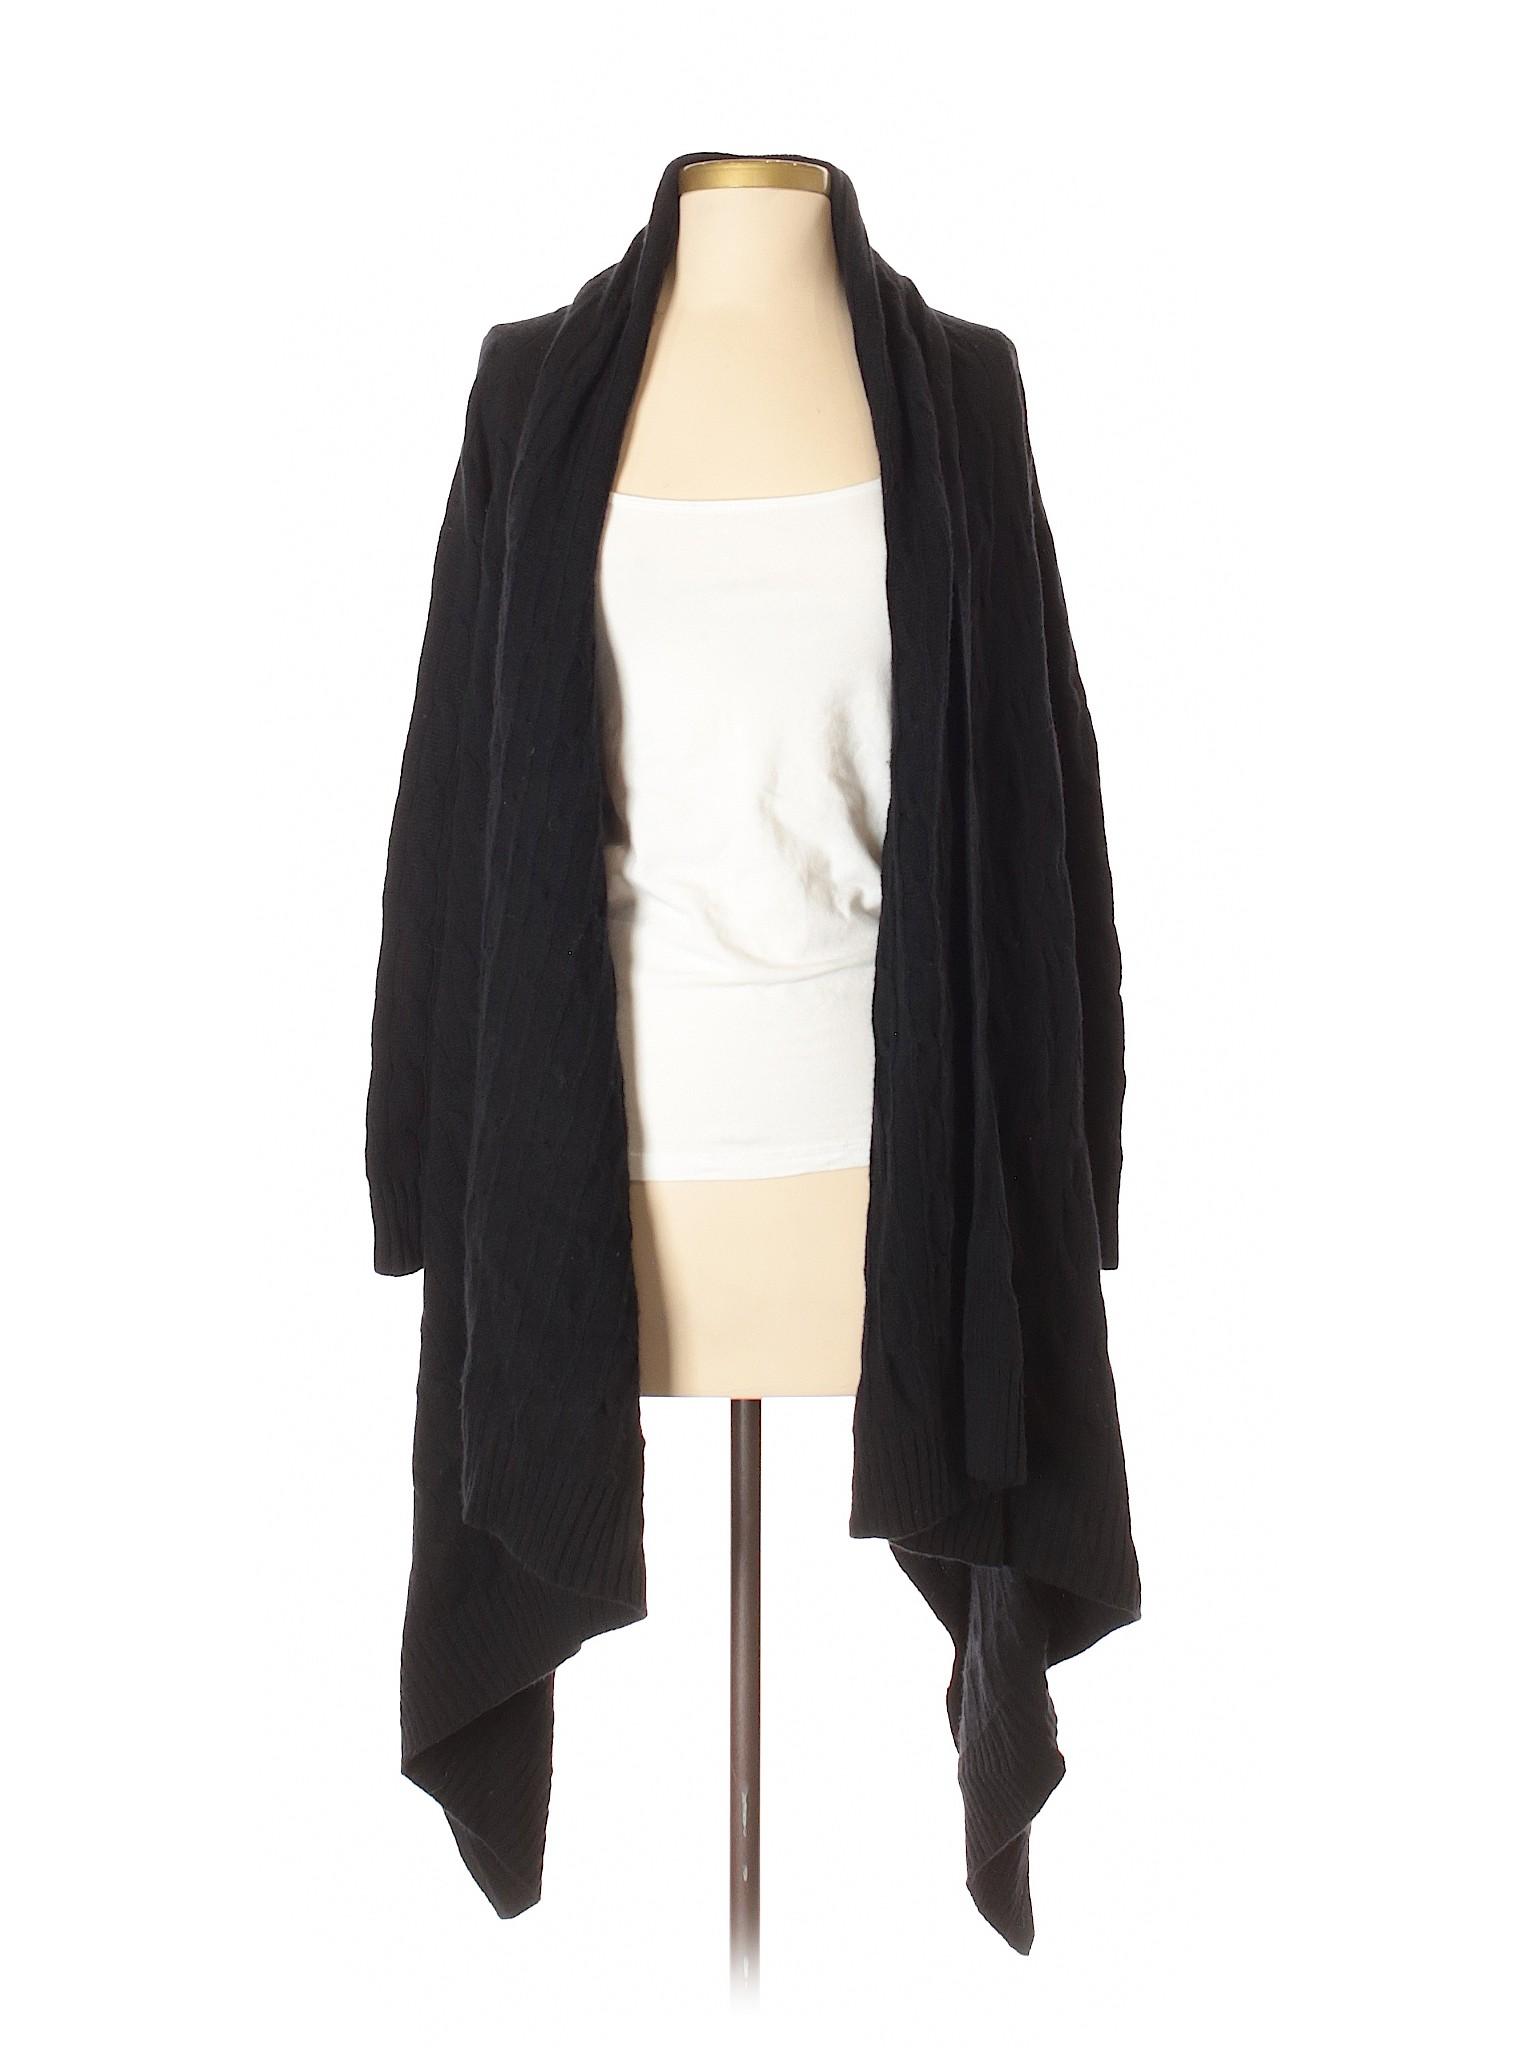 Cardigan winter Wool Boutique Ralph Lauren wPqTcSp